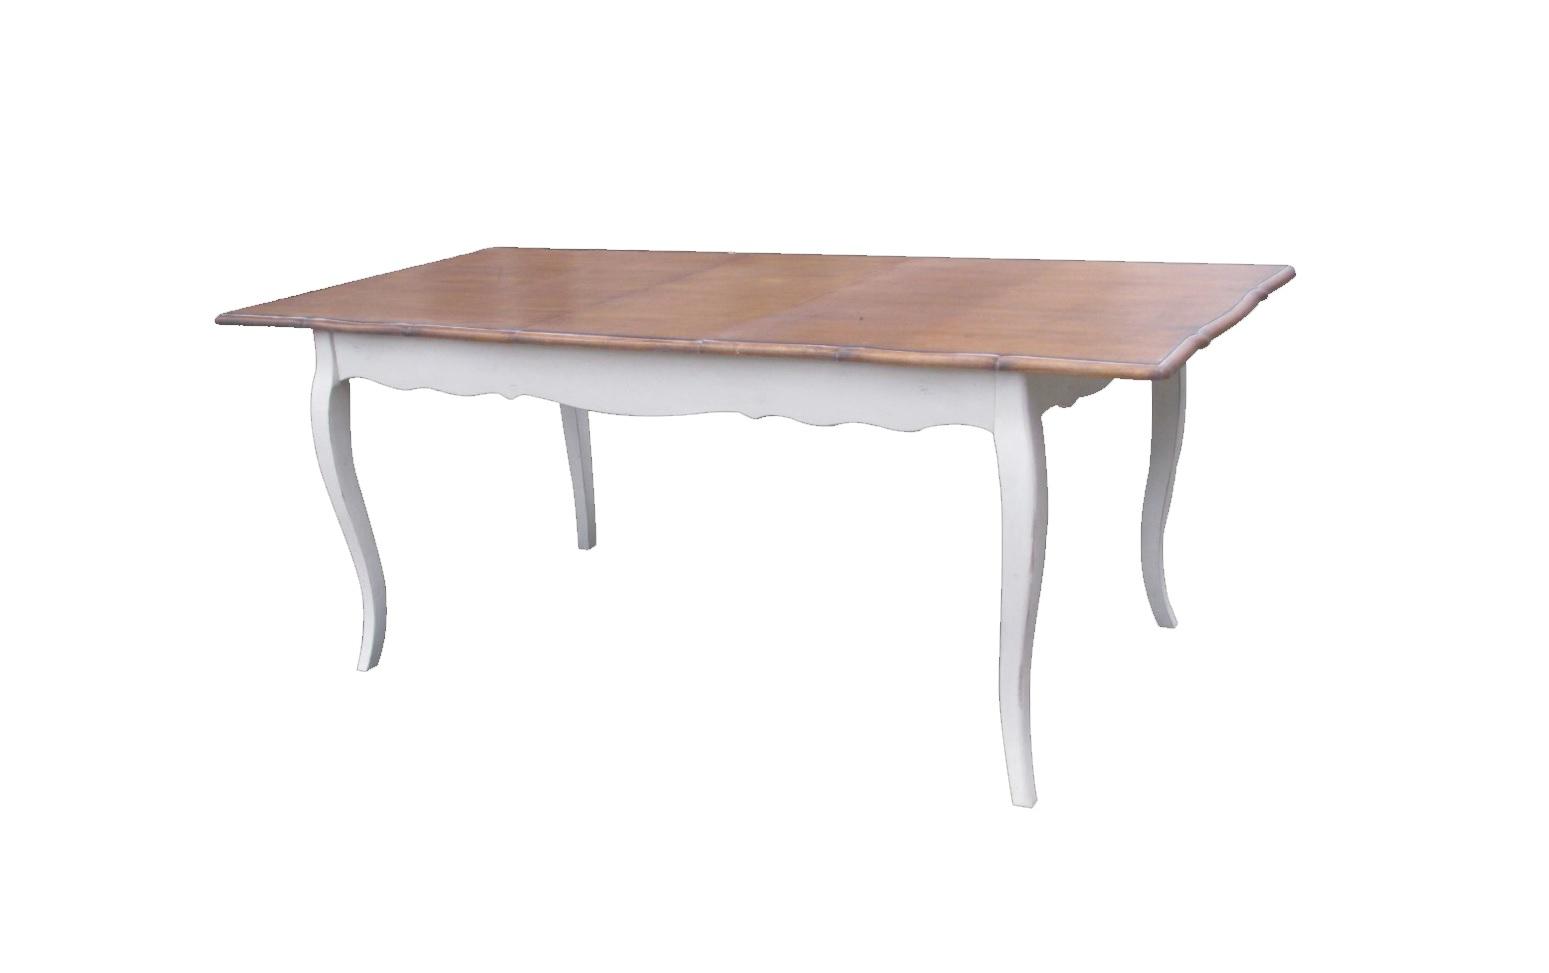 Стол раскладной Blanc bonbonОбеденные столы<br>&amp;quot;Blanc Bonbon&amp;quot; ? стол, который позволит вам собрать вместе всю семью. Он имеет длину, достаточную, чтобы уместить даже самую большую компанию. От оформления стола в прованском стиле так и веет домашним теплом и добротой. А что еще нужно для создания приятной атмосферы во время веселых и душевных сборов самых близких друг другу людей?<br><br><br><br><br>&amp;amp;nbsp;&amp;lt;div&amp;gt;&amp;lt;br&amp;gt;&amp;lt;/div&amp;gt;&amp;lt;div&amp;gt;Стол раскладной, длина регулируется - 90-200 см.&amp;lt;/div&amp;gt;<br><br>Material: Дерево<br>Length см: None<br>Width см: 90<br>Depth см: 160<br>Height см: 77